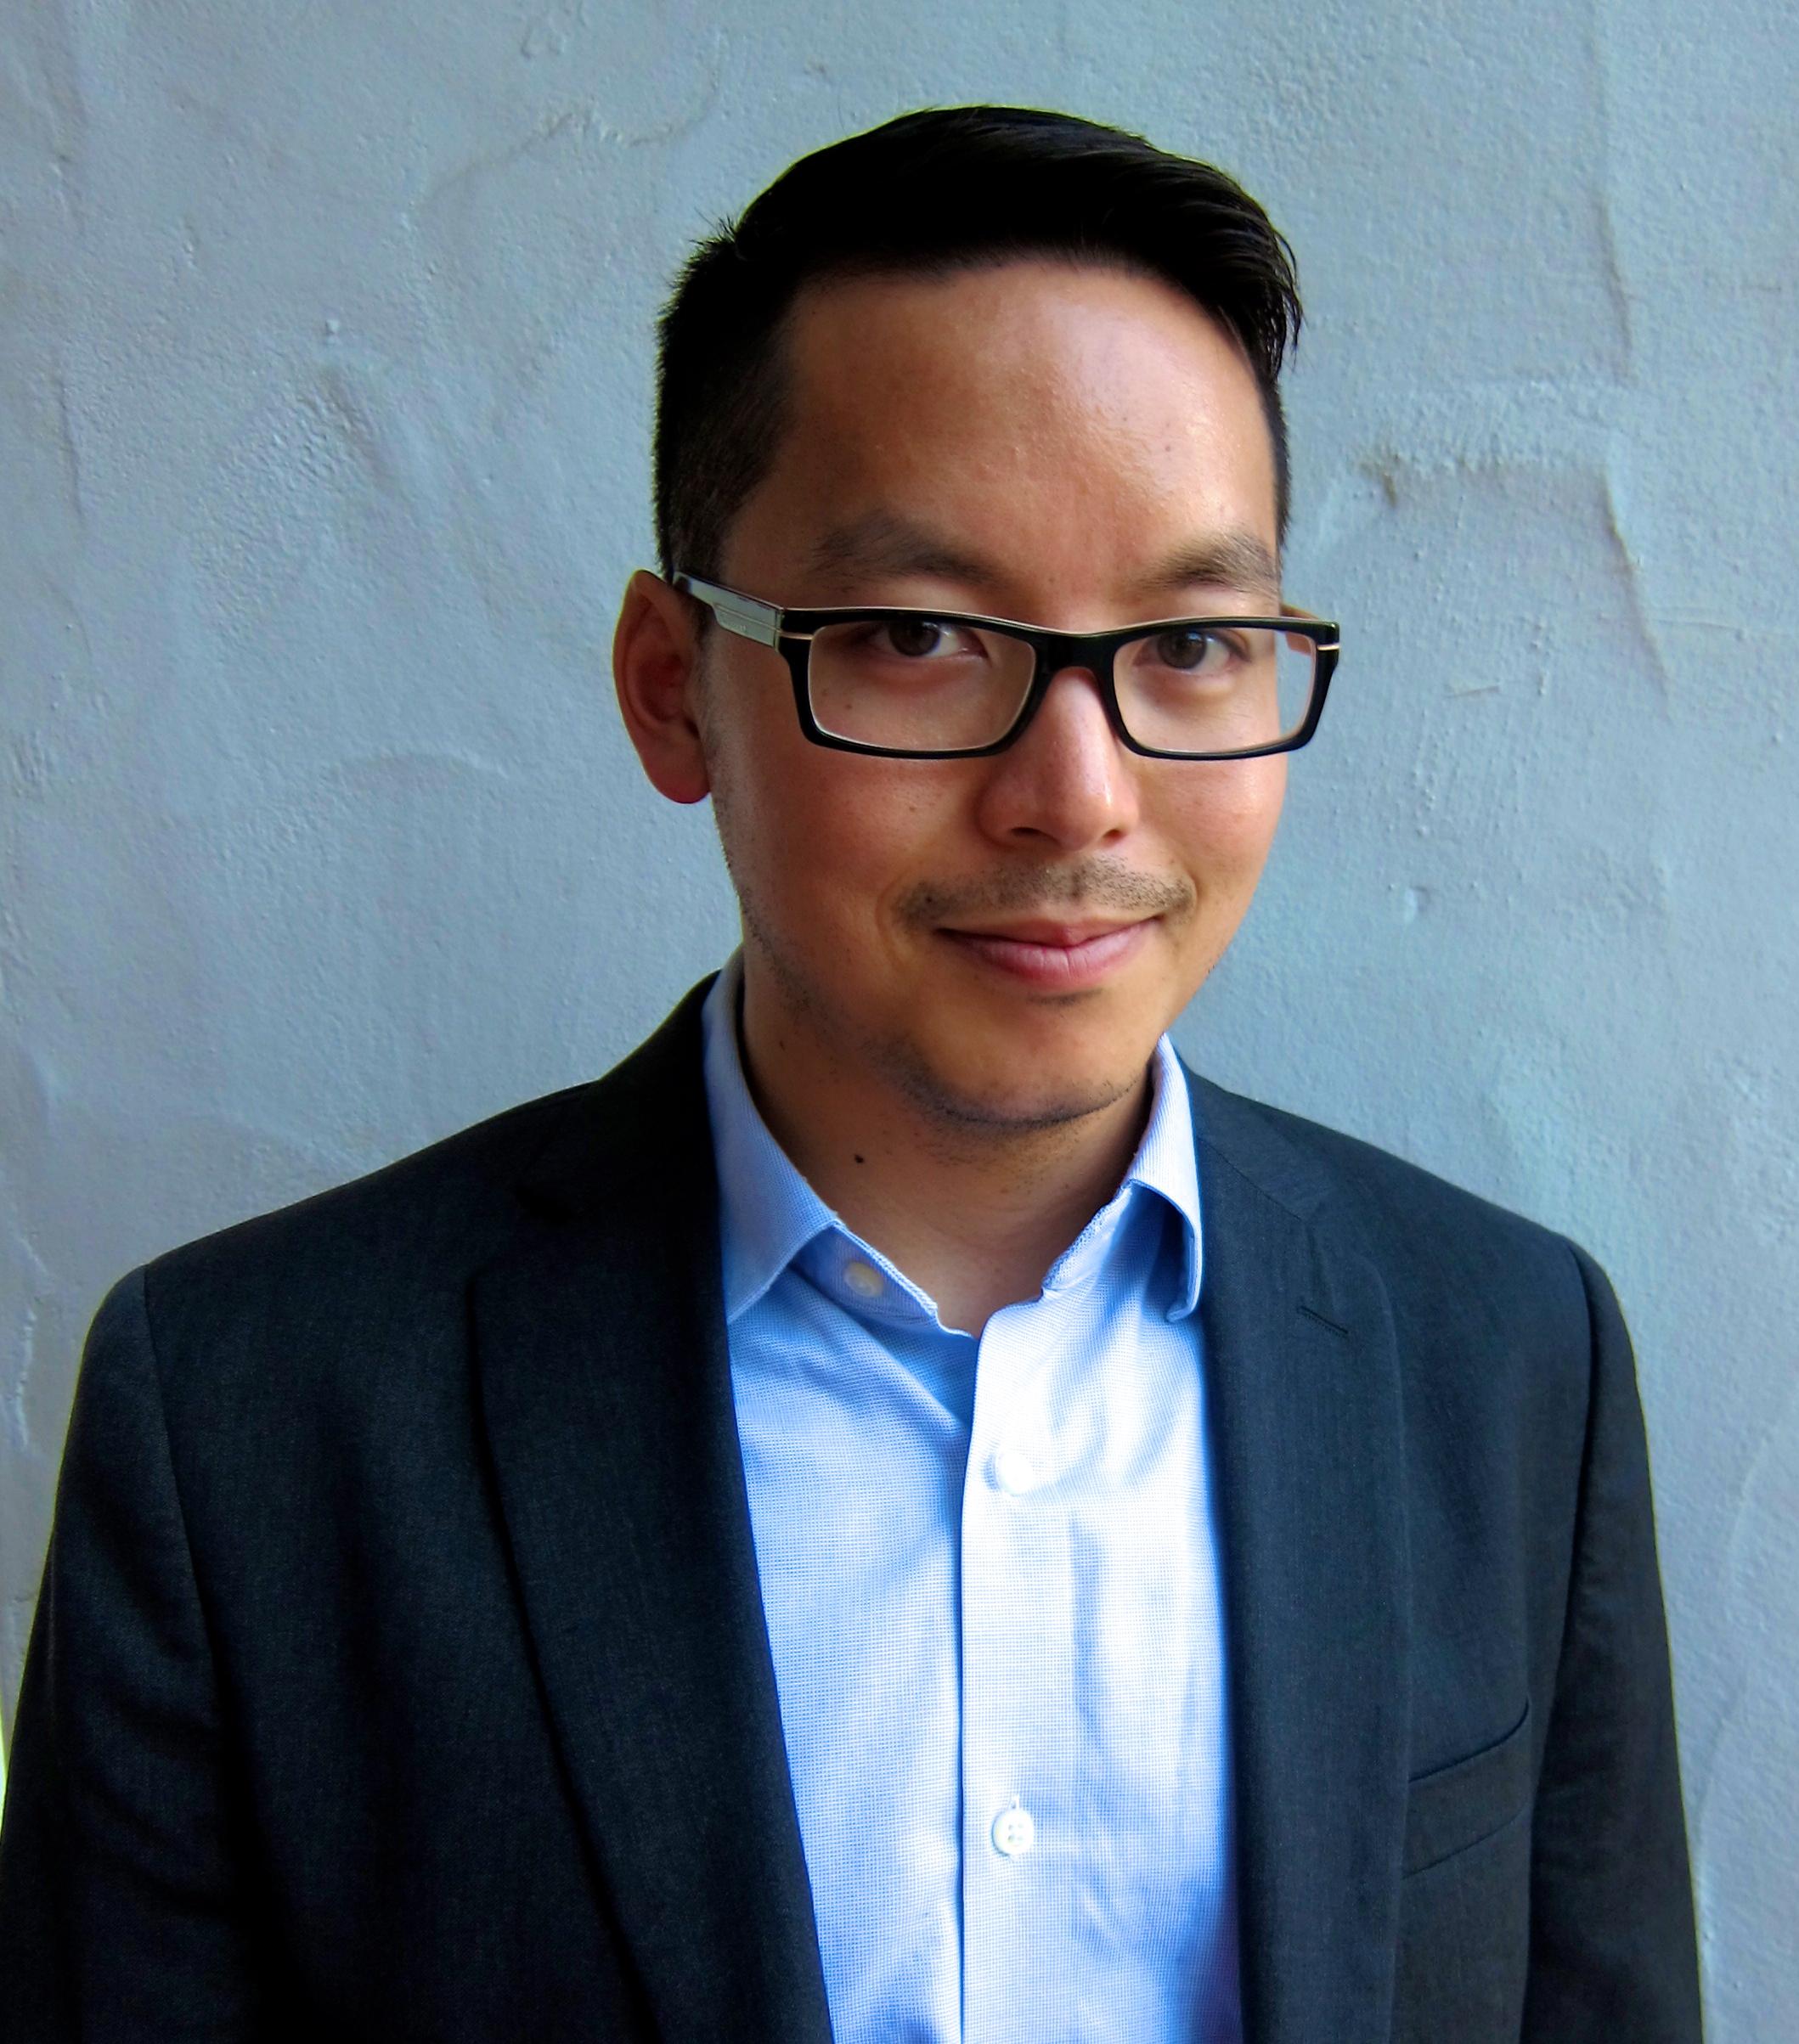 author Kiik Araki-Kawaguchi